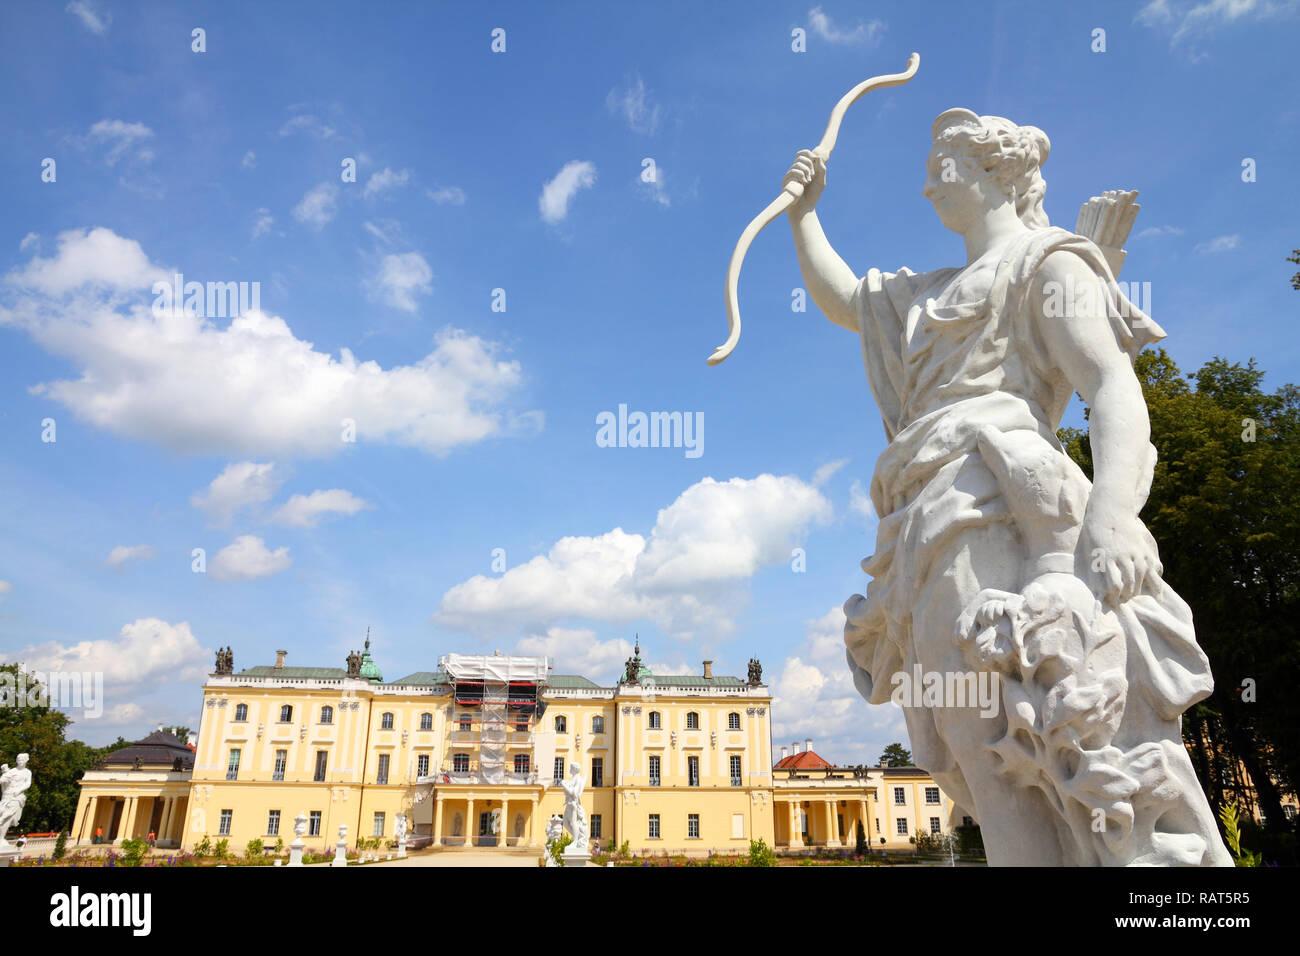 Bialystok, Poland - city architecture. Podlaskie province. Famous Branicki Palace. - Stock Image